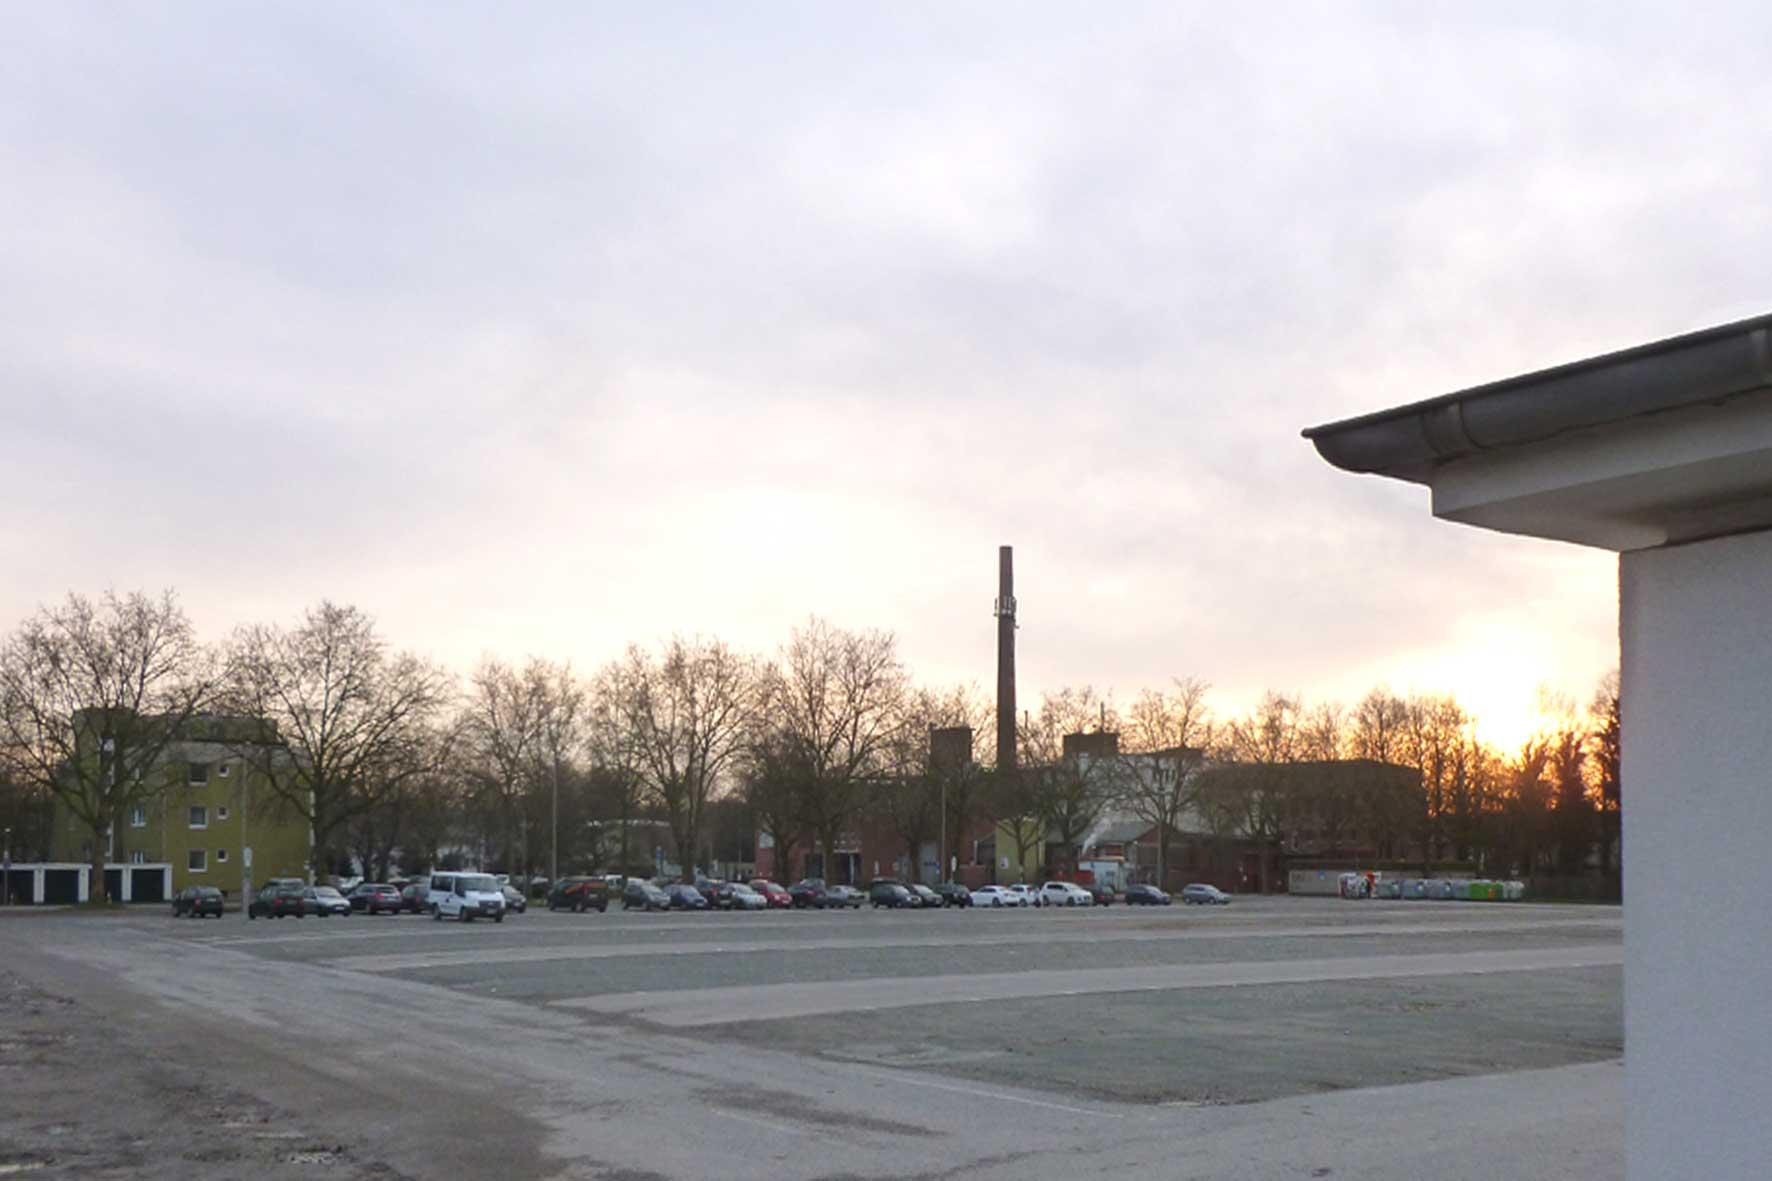 Das Foto zeigt den Marktplatz in Gütersloh bei Sonnenuntergang mit viel freier Fläche.